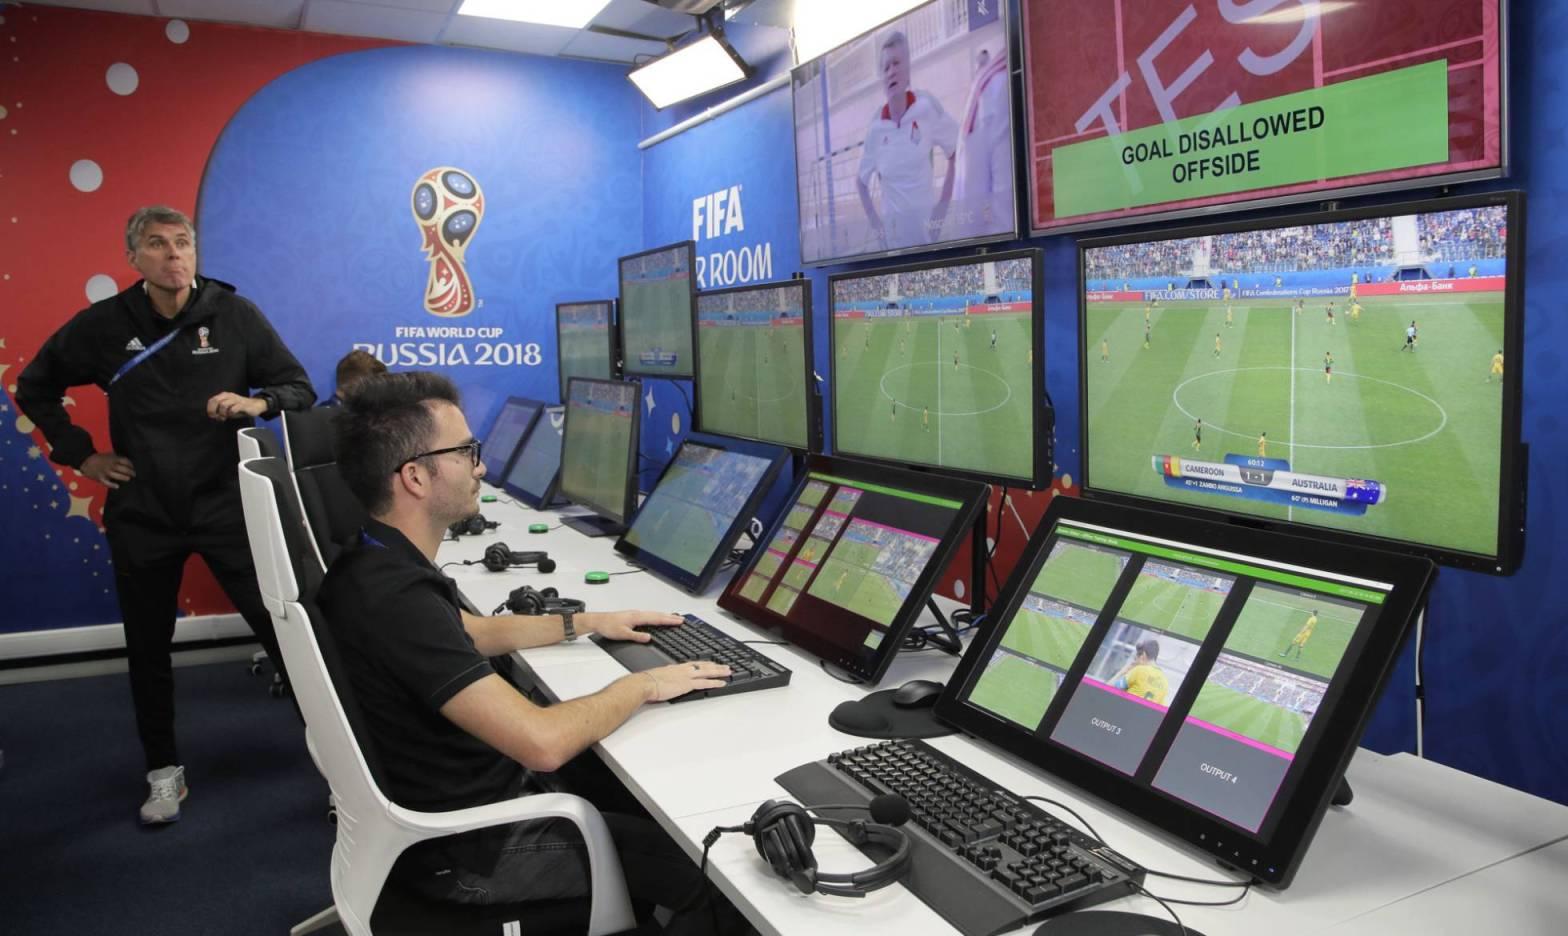 Imagem da central de oprecações do VAR, onde as imagens das câmeras são analizadas pelos árbitros.